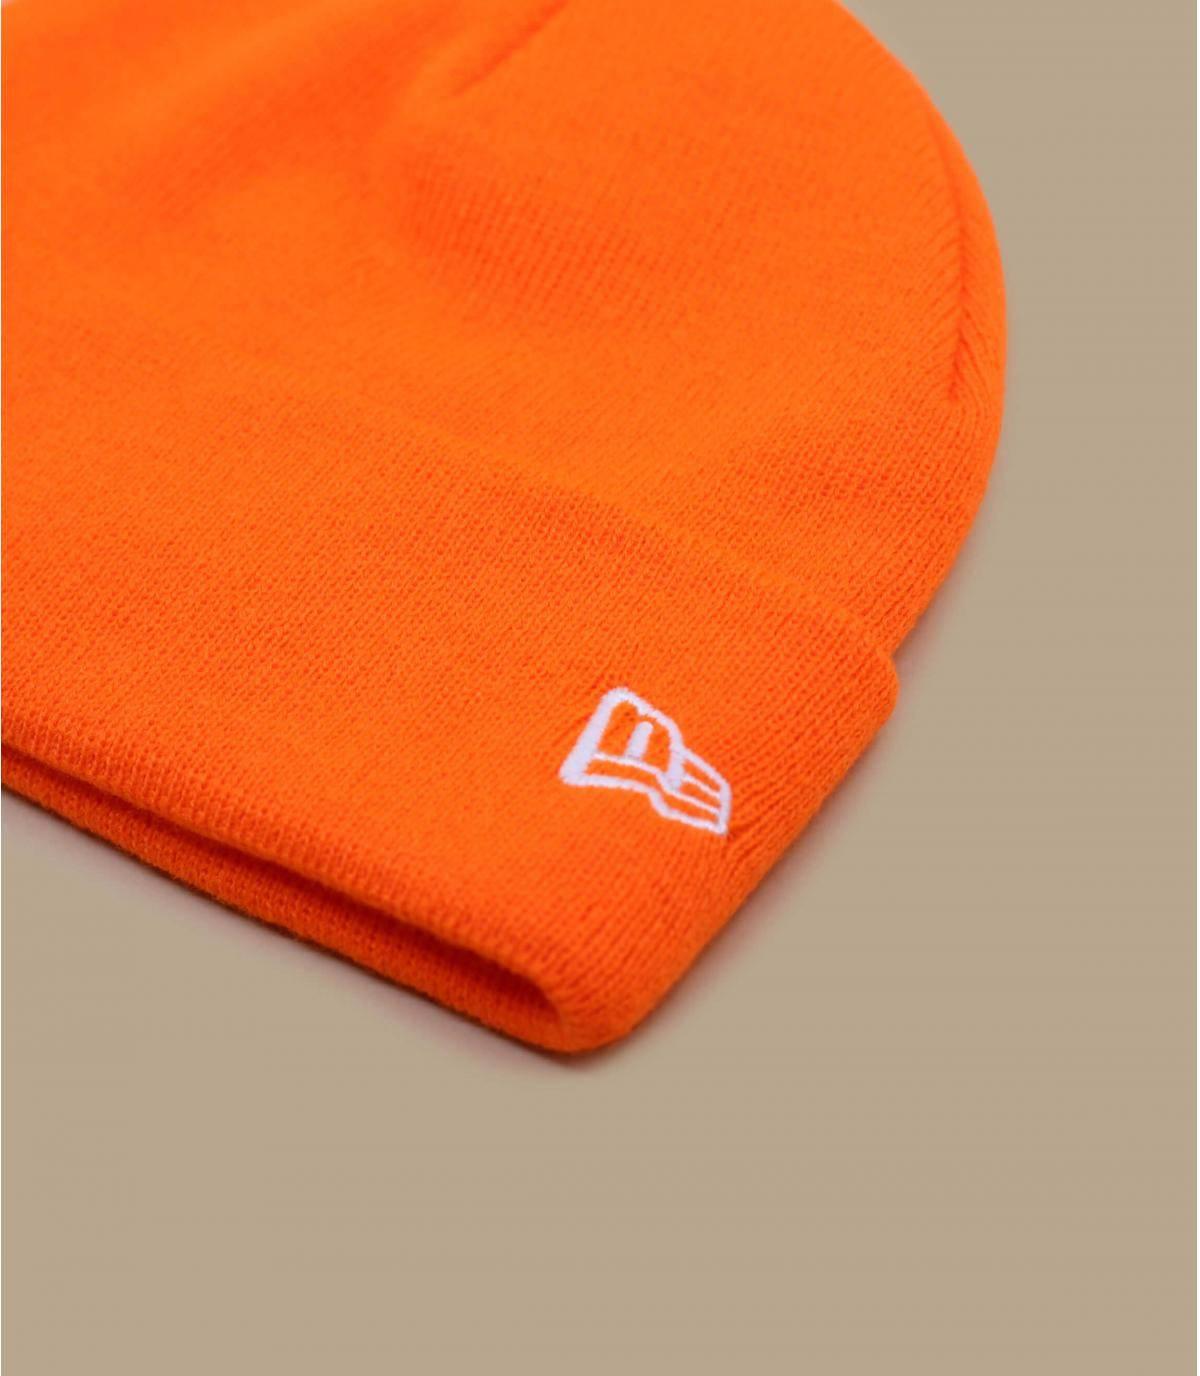 Details Pop Short Cuff orange - afbeeling 3